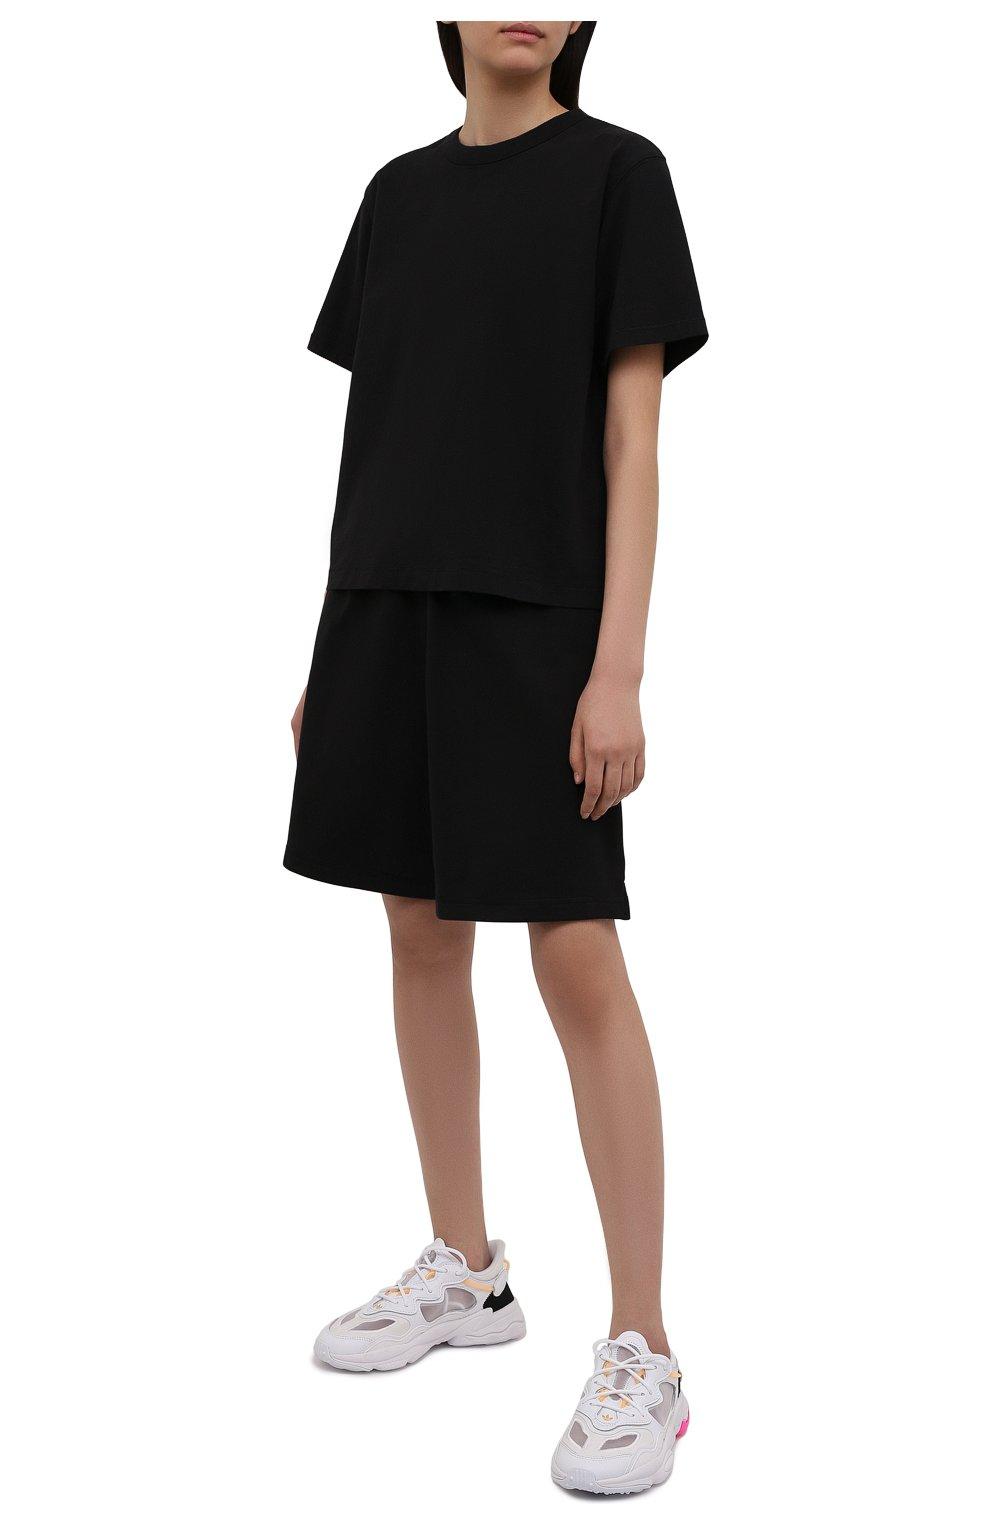 Женская хлопковая футболка HERON PRESTON FOR CALVIN KLEIN черного цвета, арт. K10K108252   Фото 2 (Женское Кросс-КТ: Футболка-спорт; Принт: Без принта; Рукава: Короткие; Длина (для топов): Стандартные; Материал внешний: Хлопок; Стили: Спорт-шик)